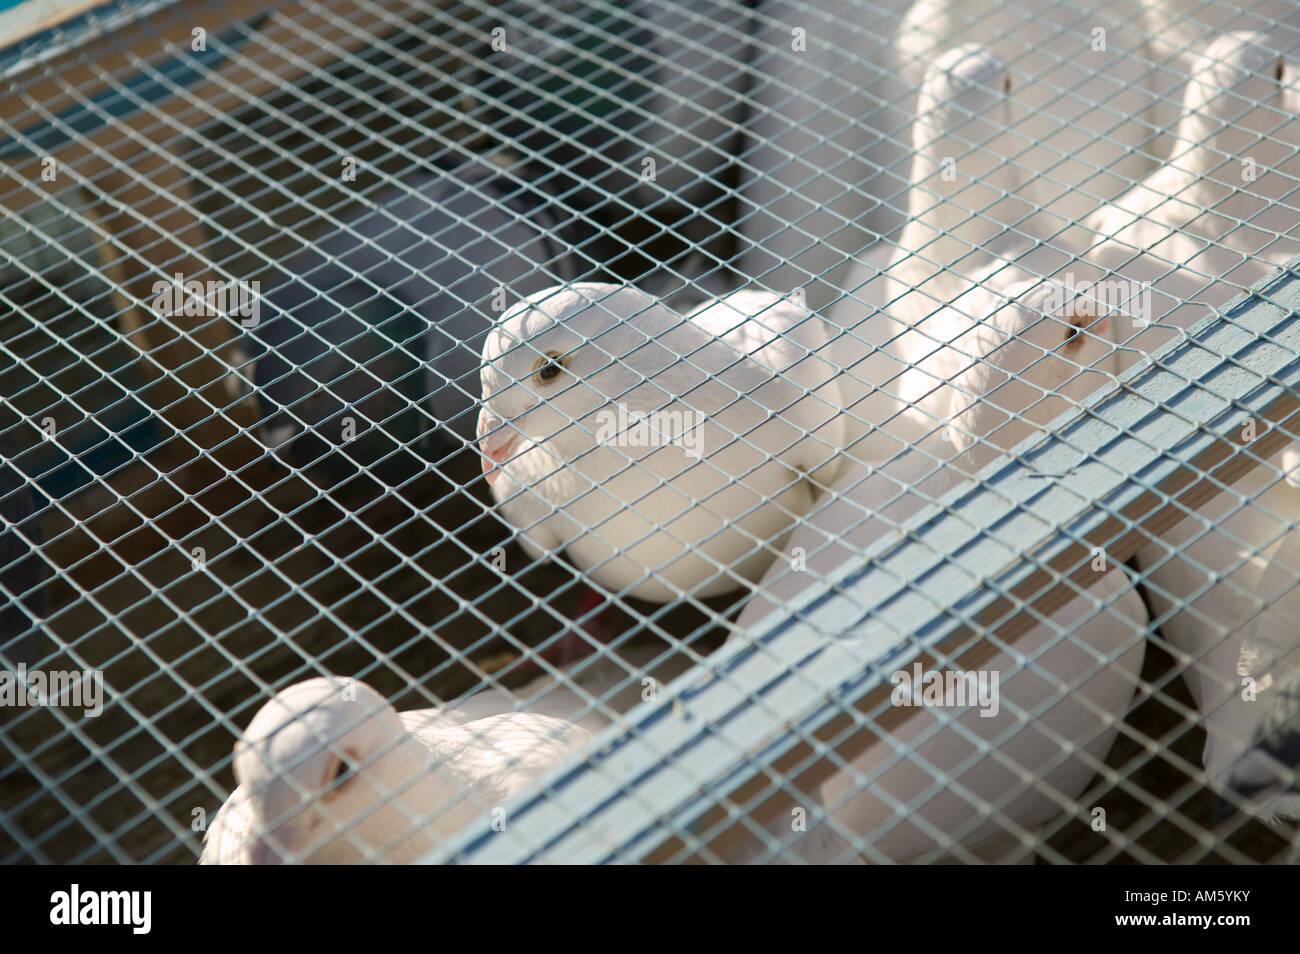 Colombes blanches dans une cage avant une release 1 Décembre 2007 Photo Stock